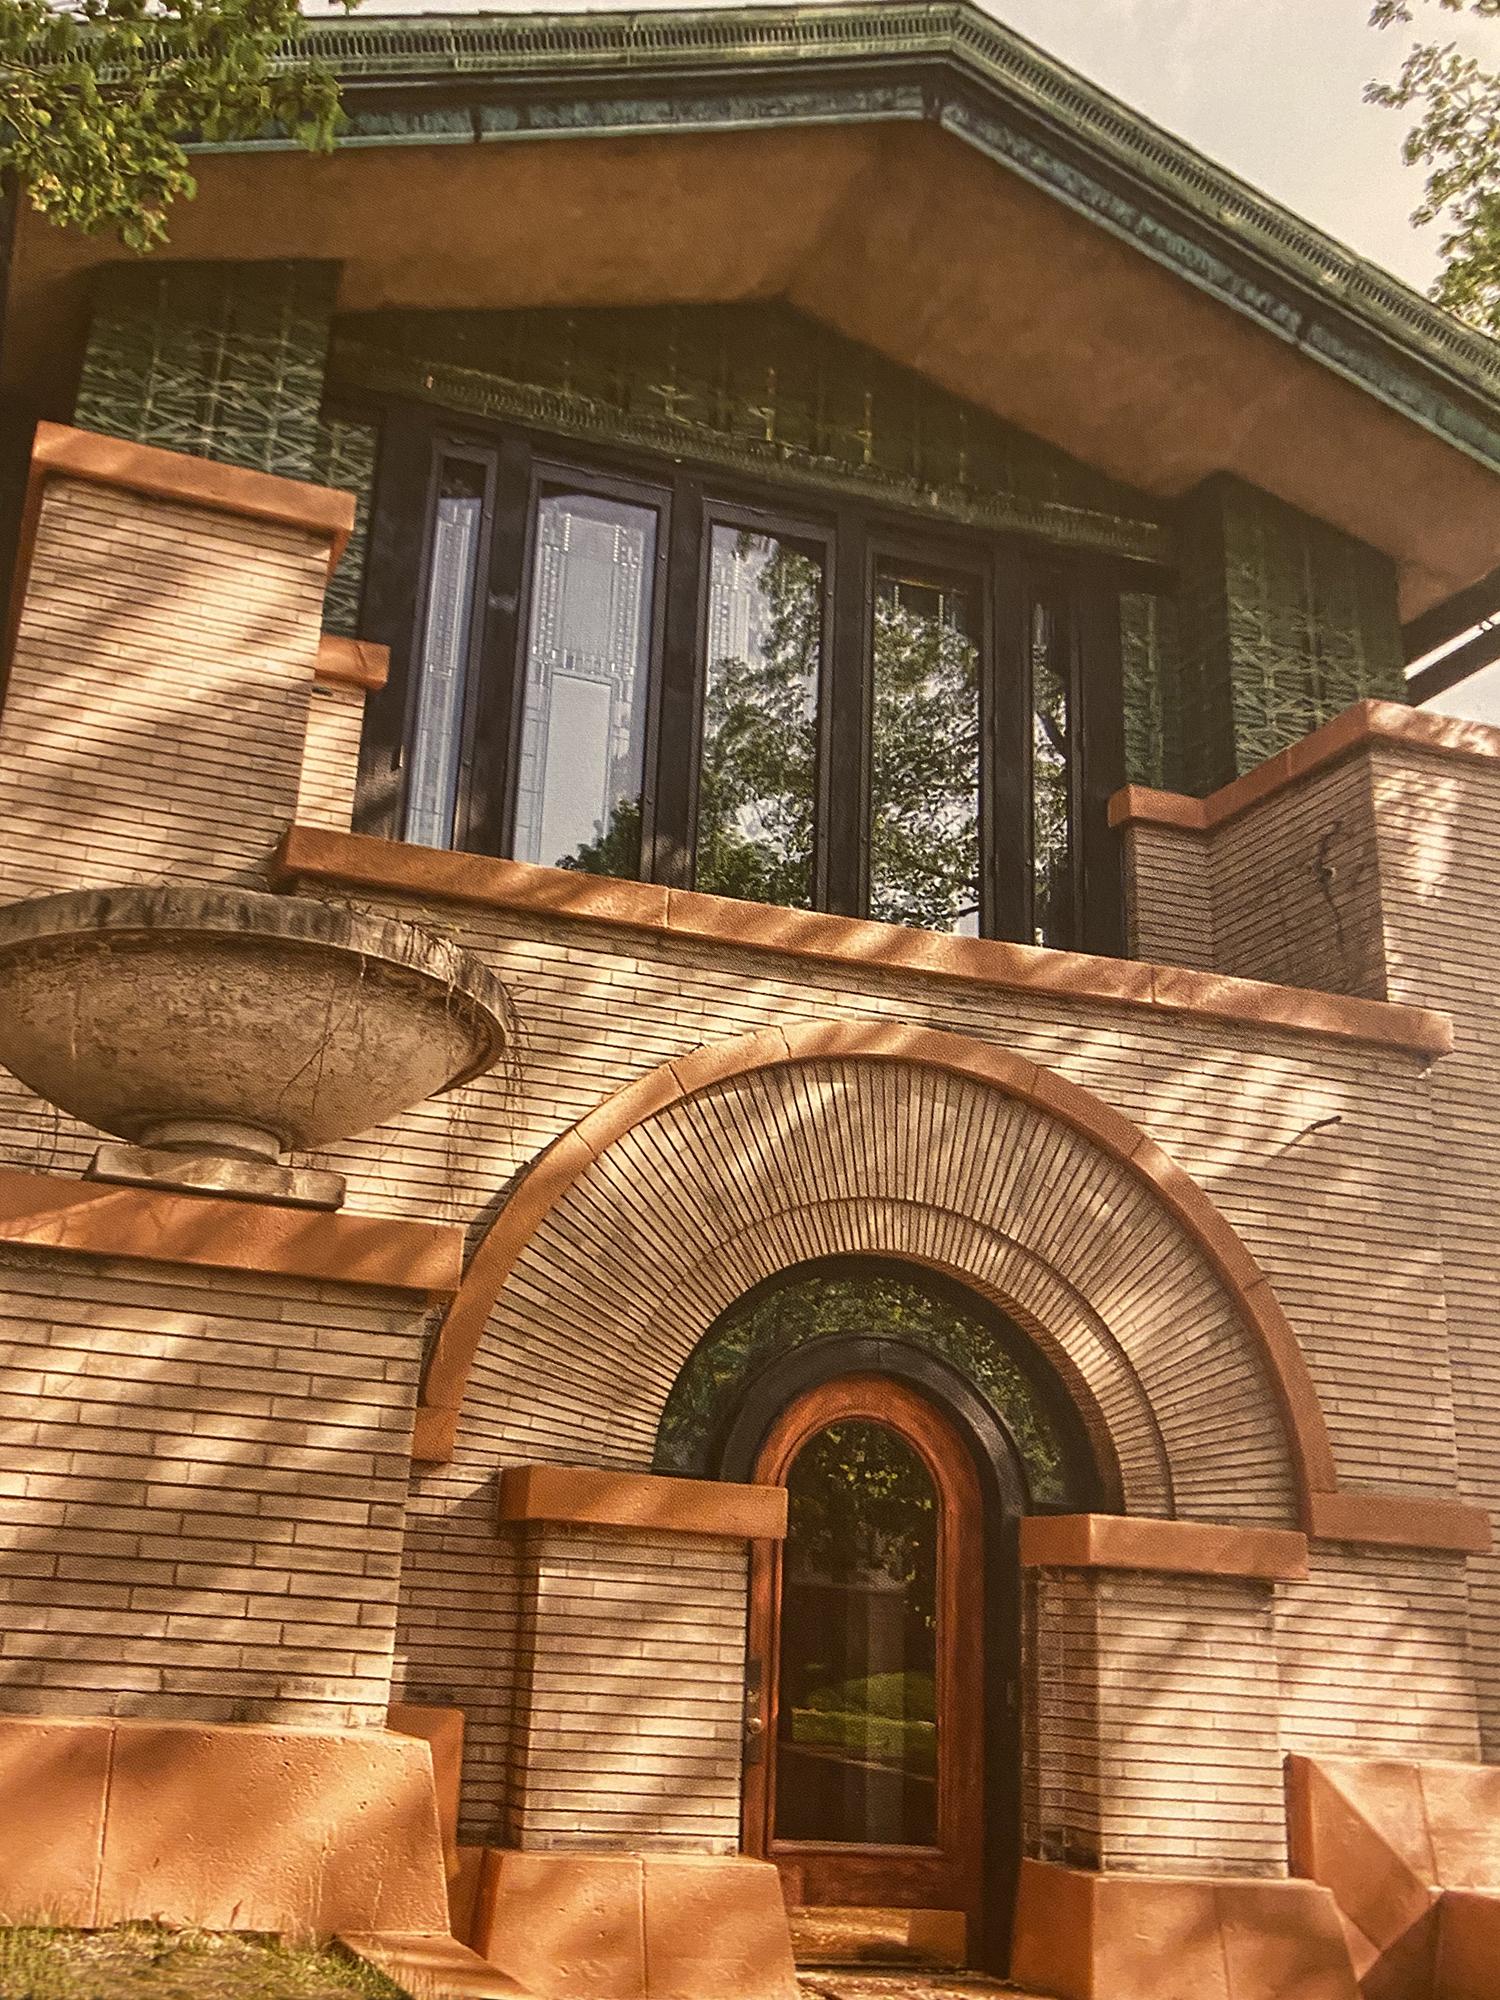 Dana-Thomas House by Frank Lloyd Wright